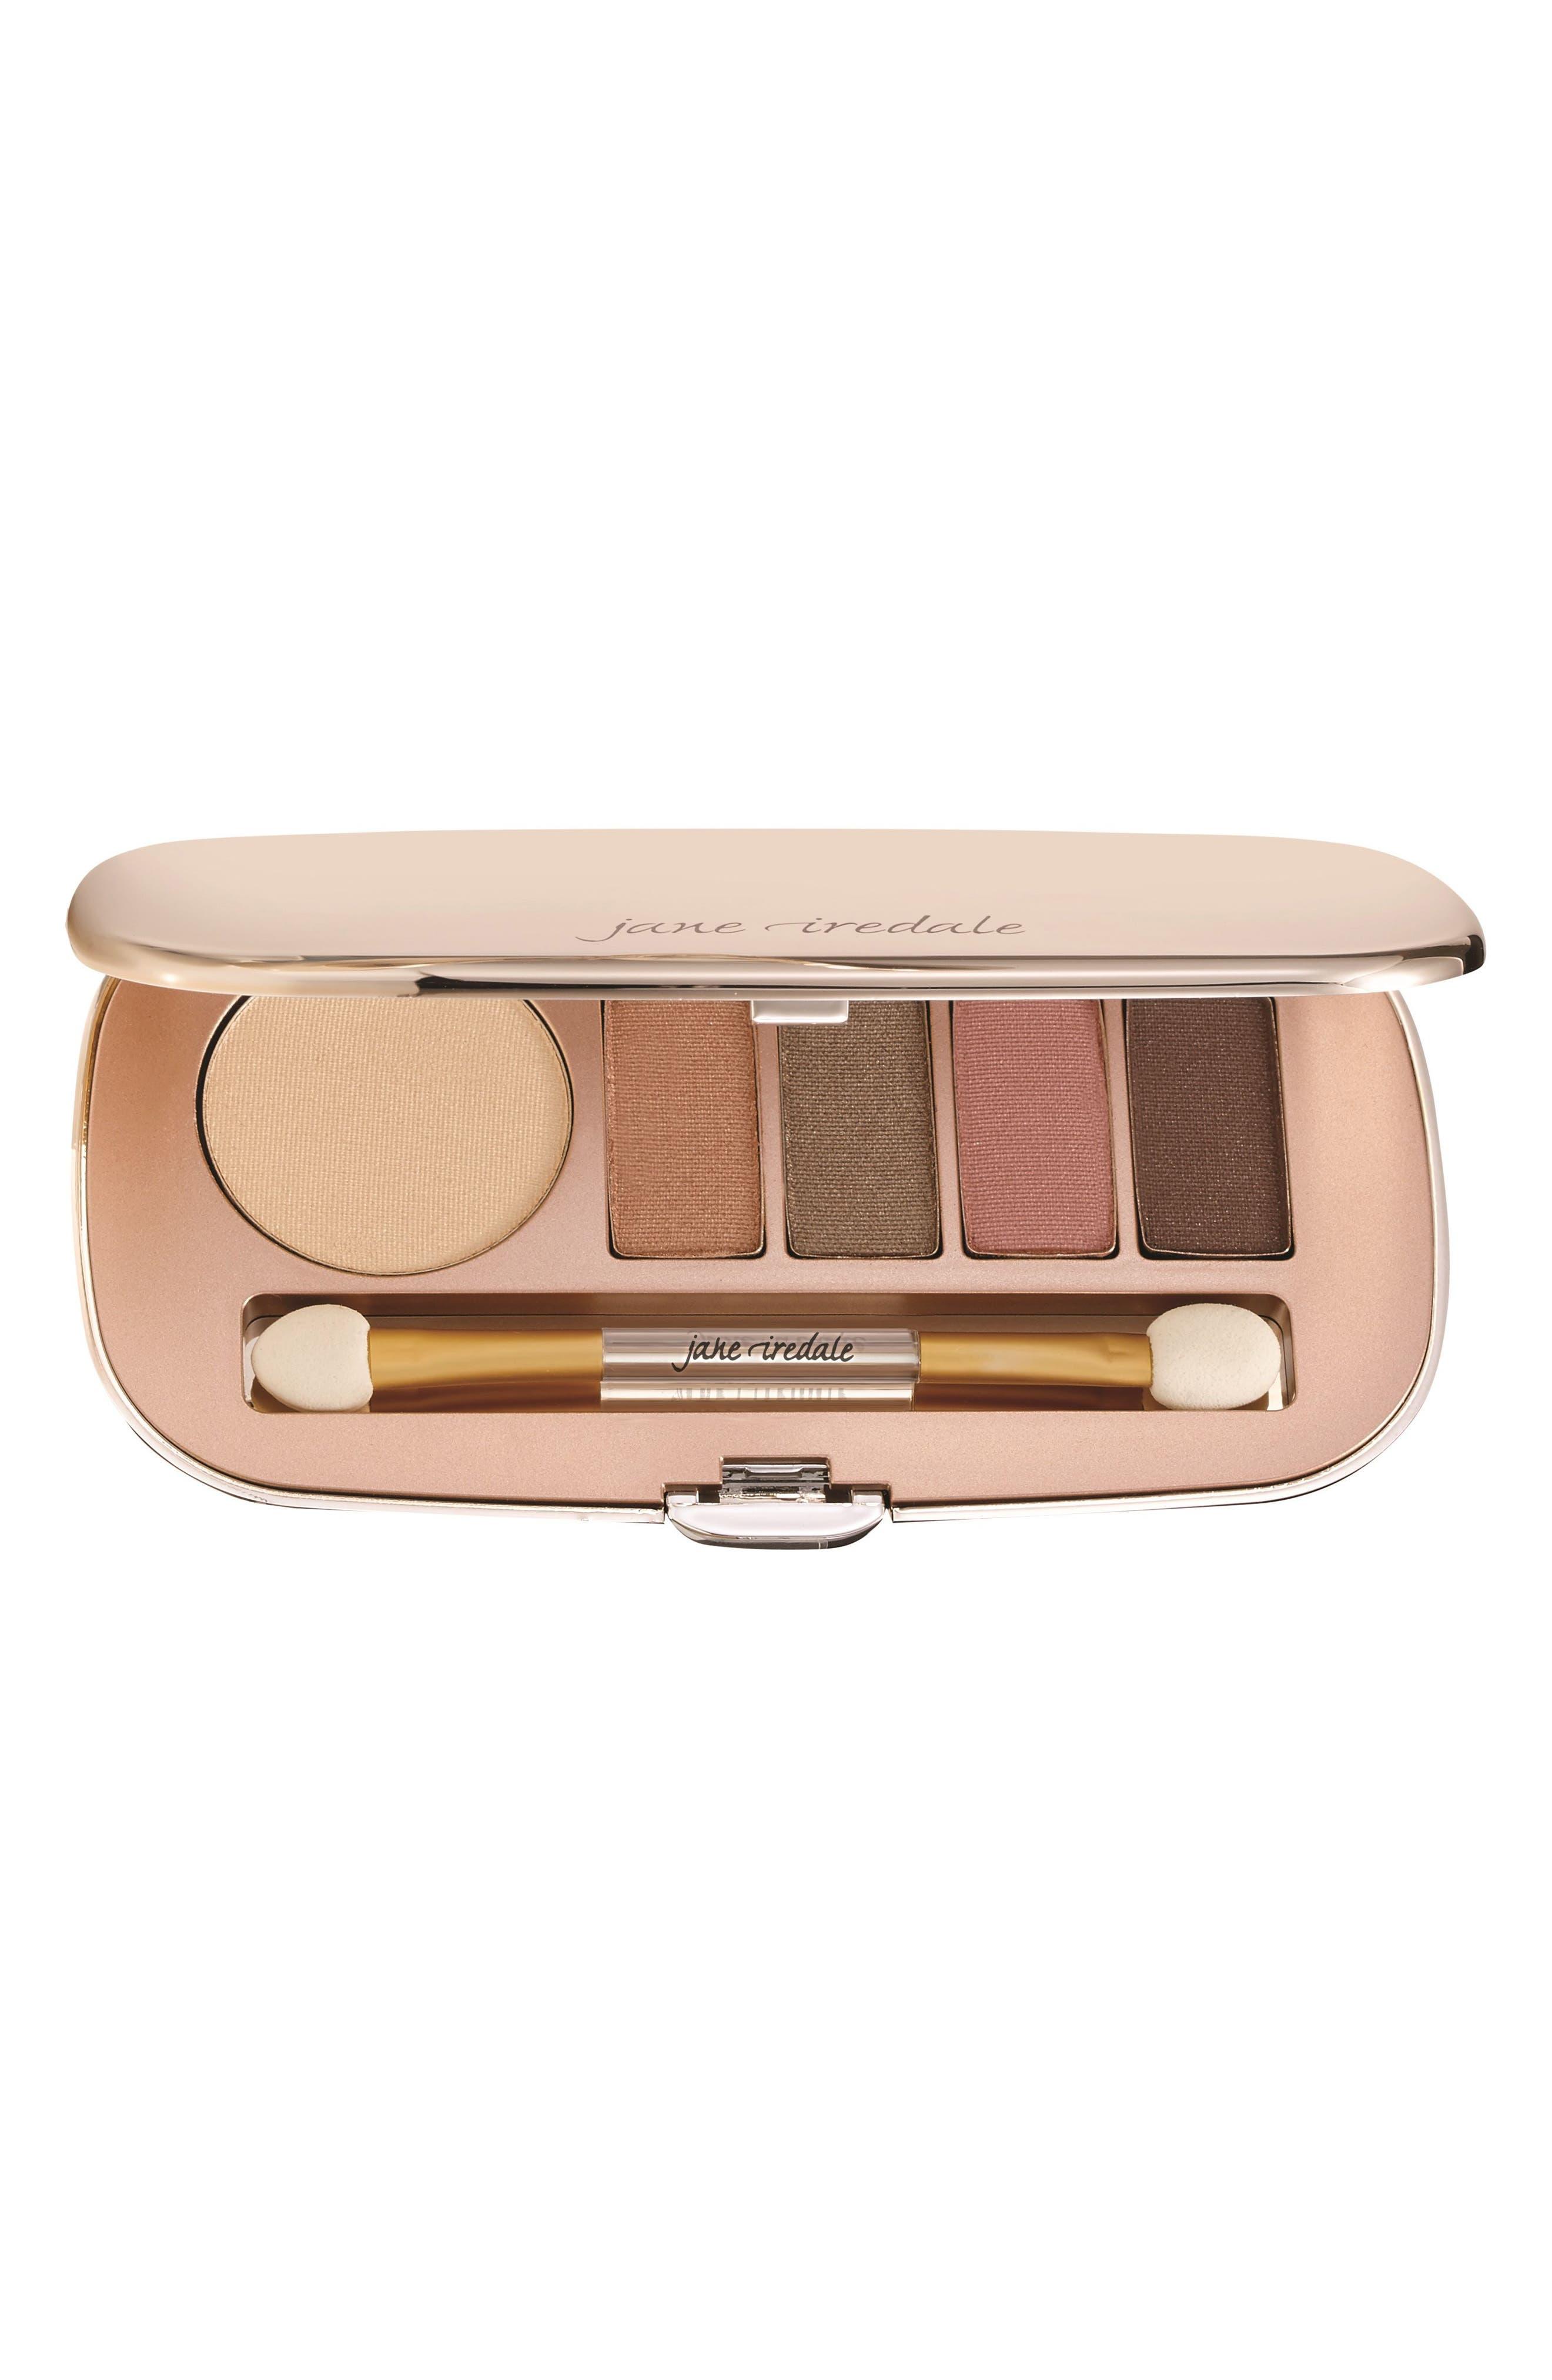 Naturally Glam Eyeshadow Kit,                             Main thumbnail 1, color,                             NO COLOR